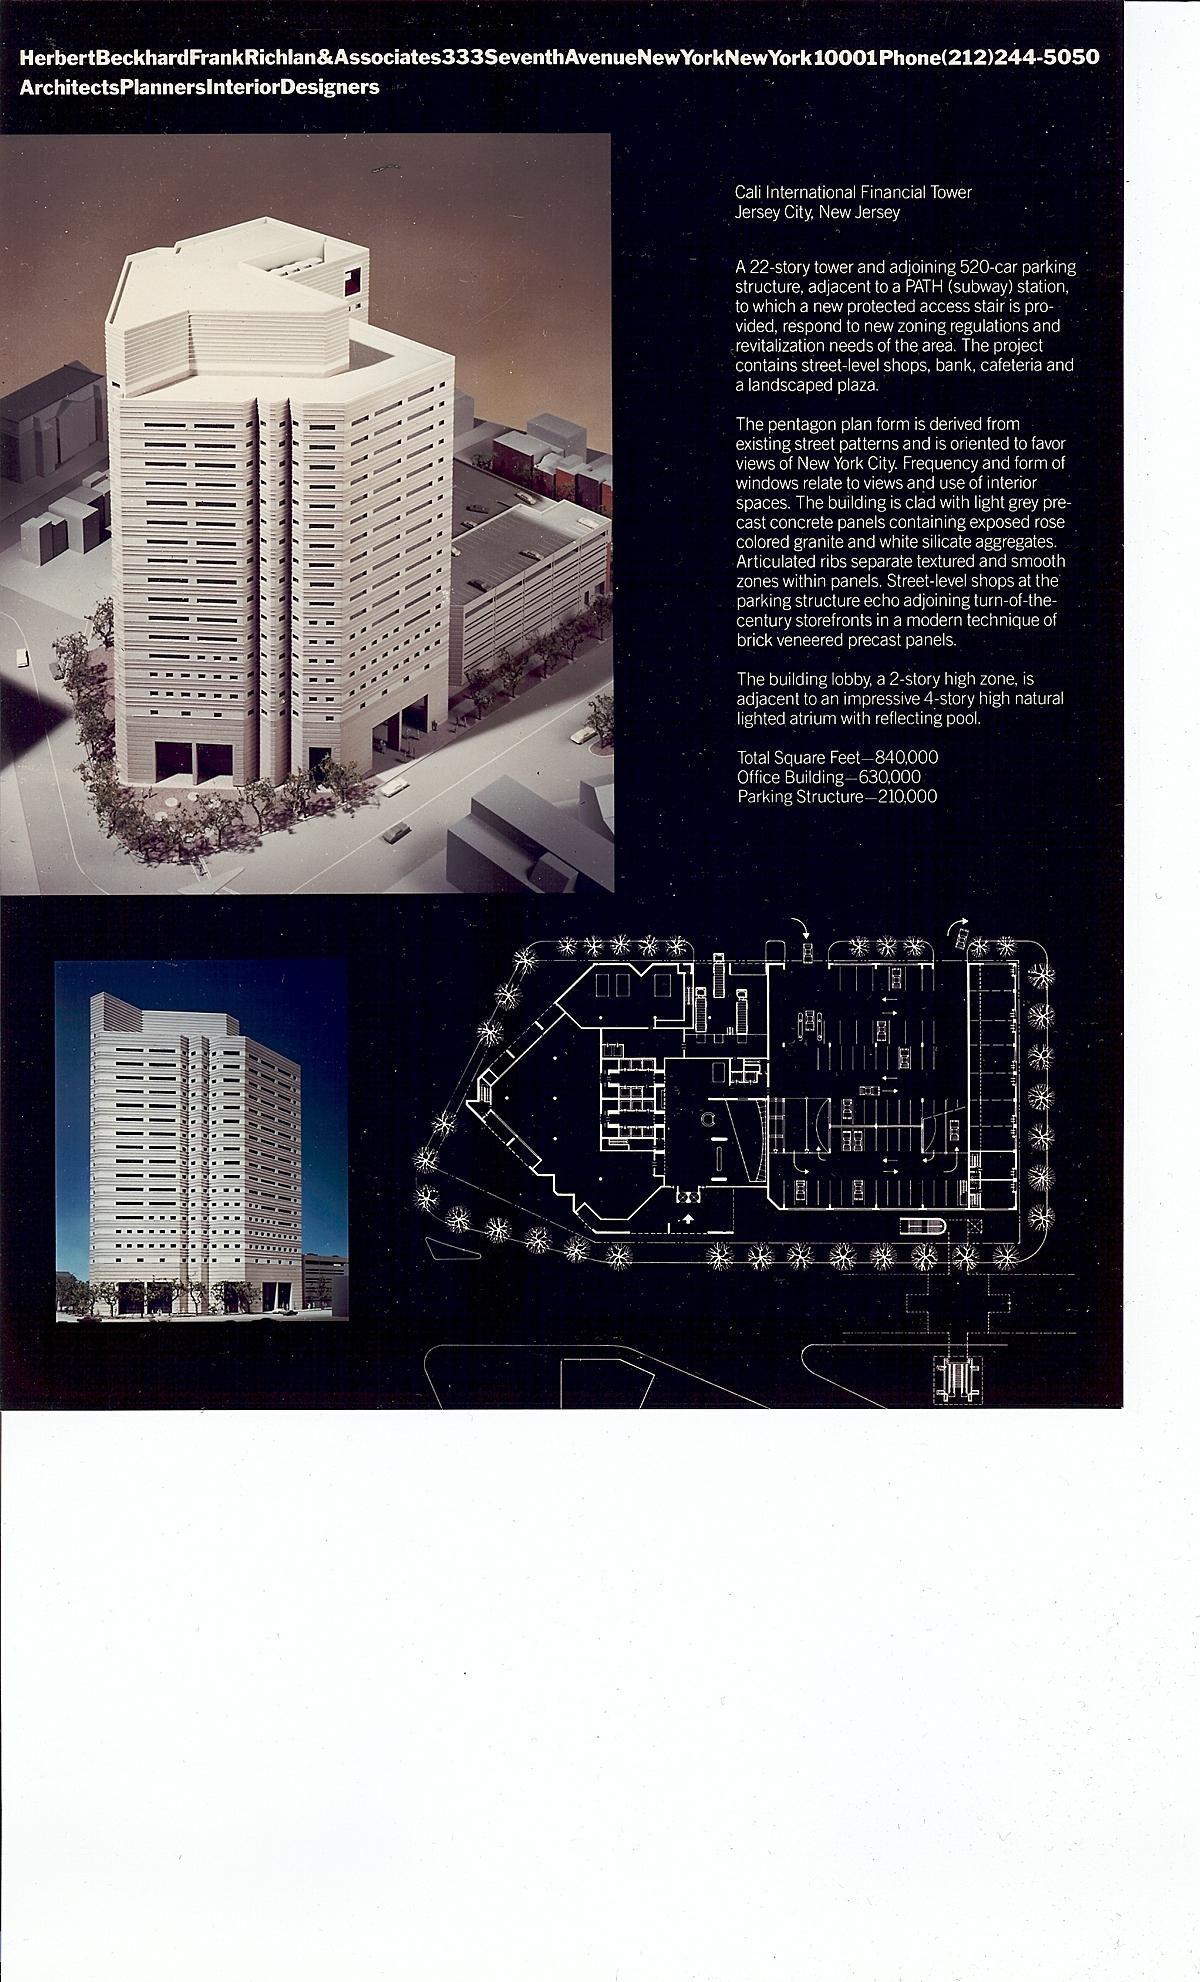 Herbert Beckhard Frank Richlan & Associates - Cali Corporate Center, Jersey City NJ